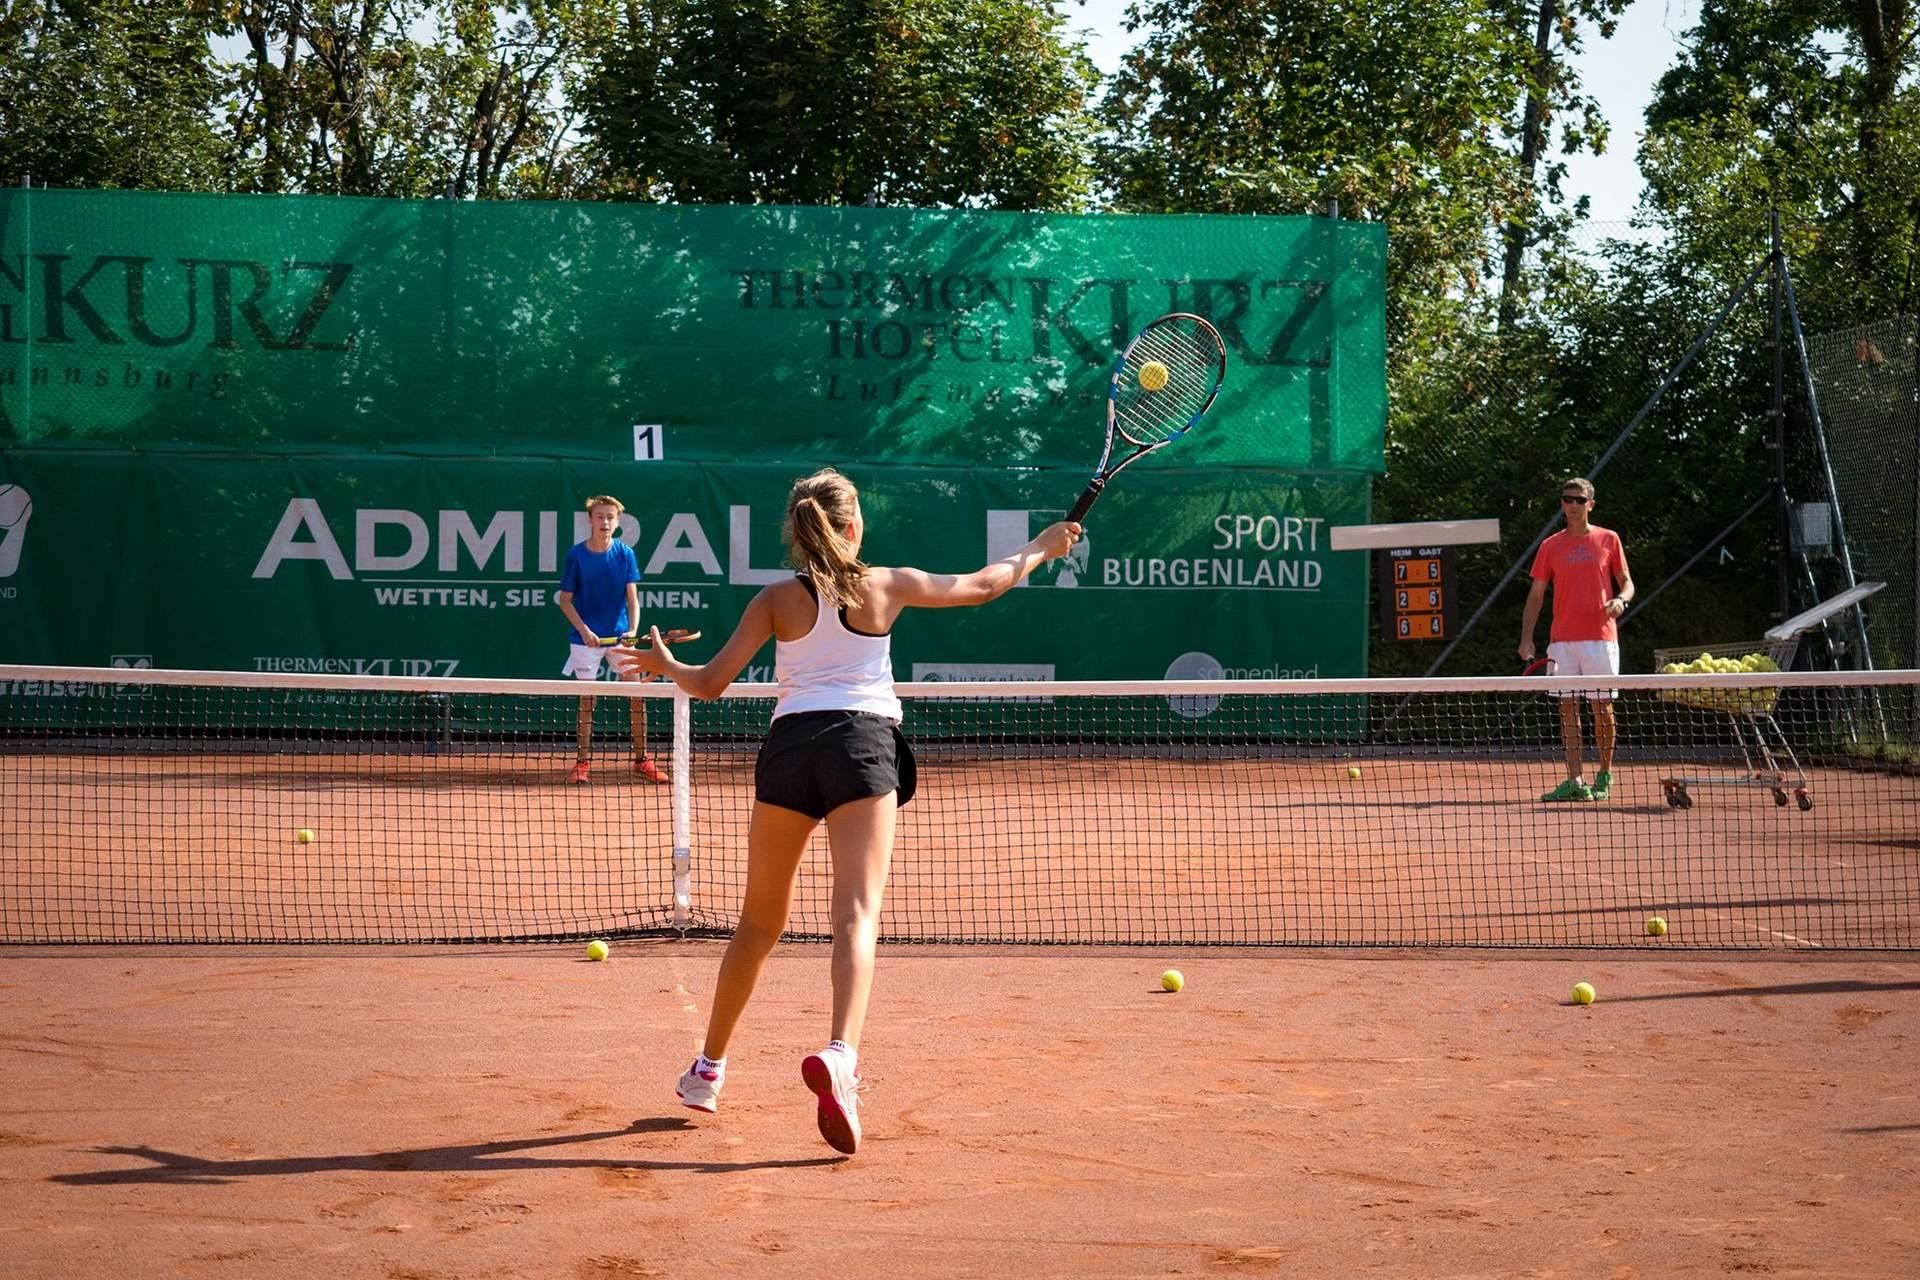 Volley Tennistraining im Freien